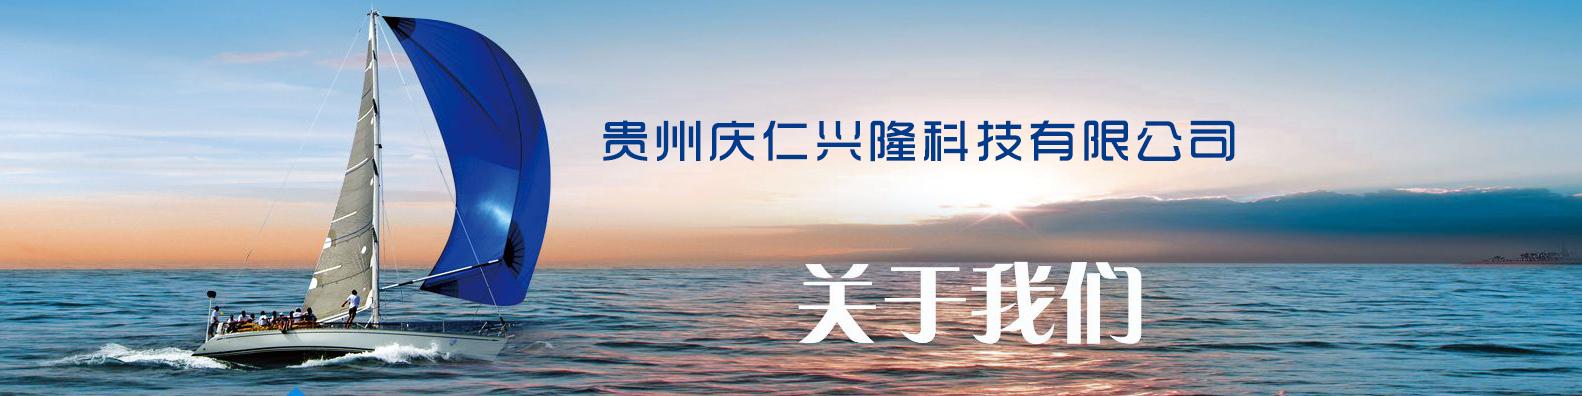 雷竞技官网庆仁兴隆科技有限公司